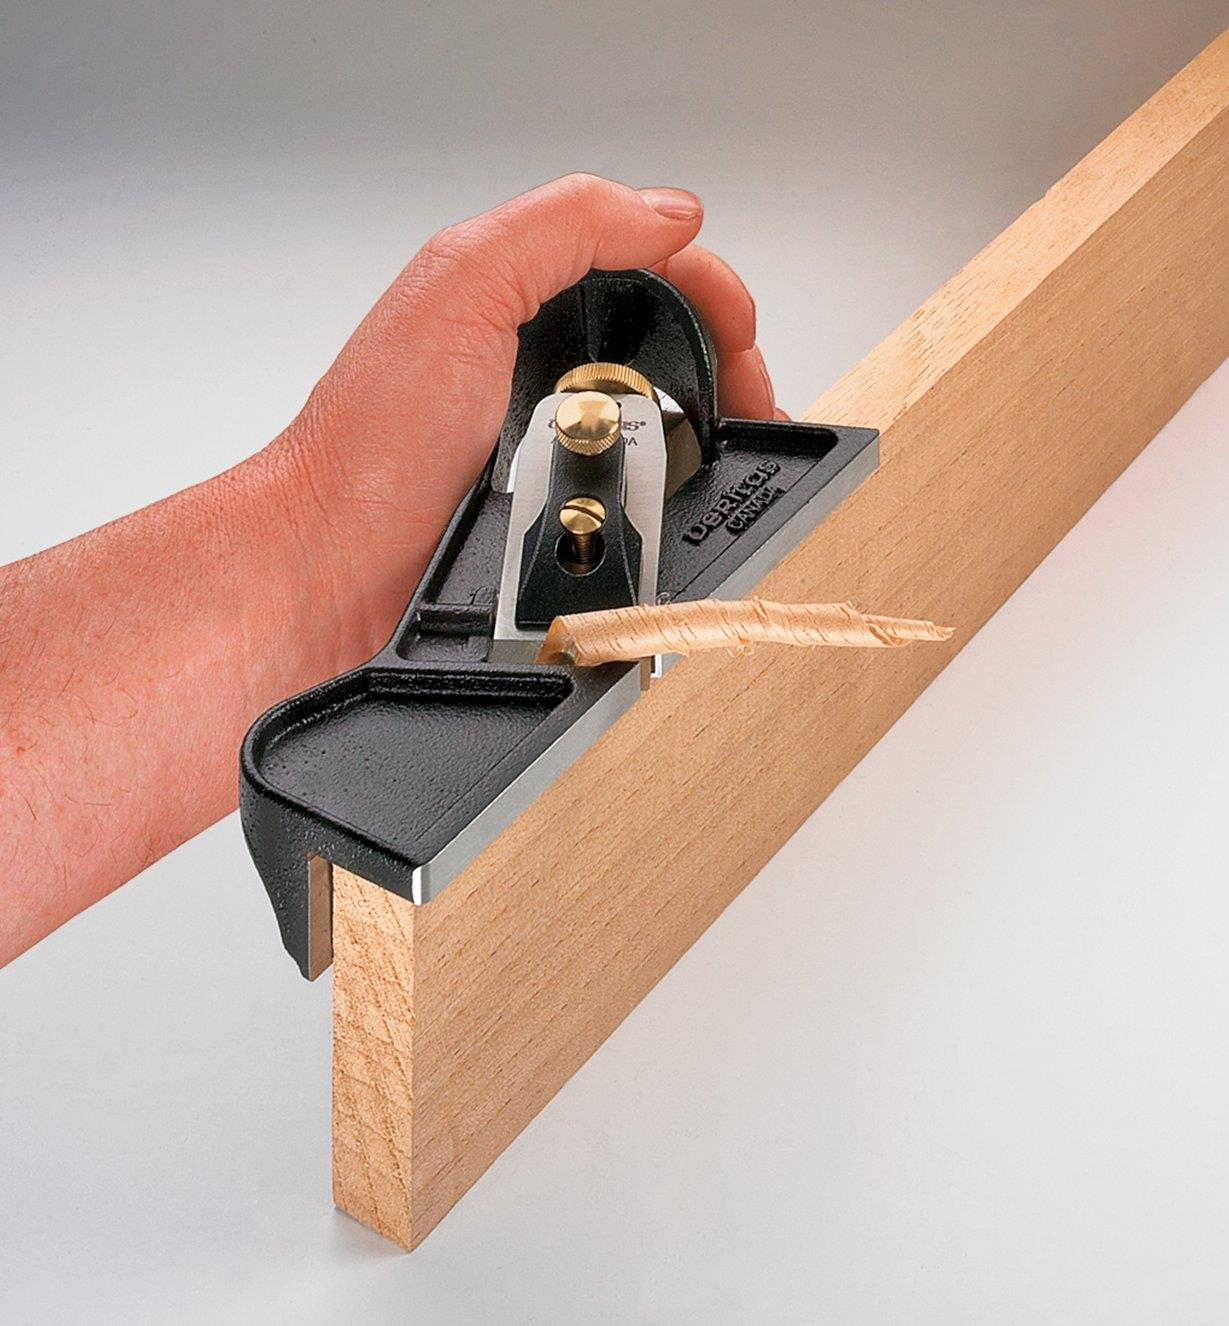 Rabot à épaulement utilisé pour couper le bout d'une planche